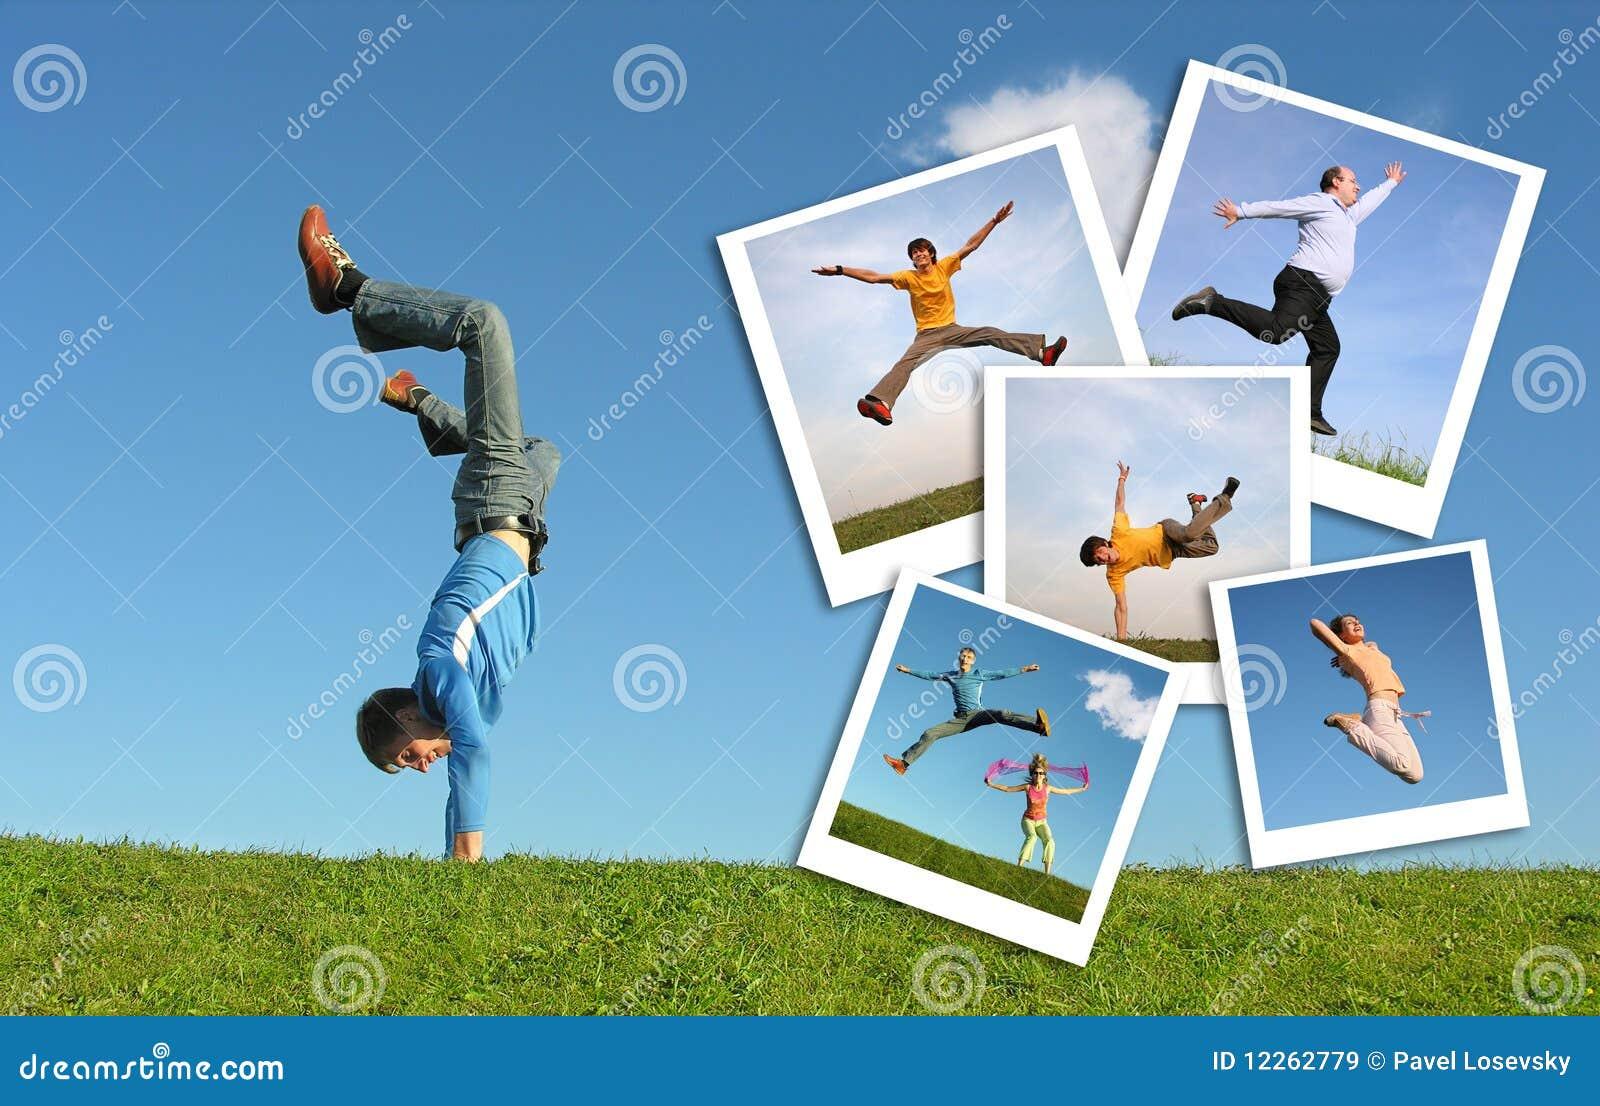 Homme branchant en herbe et photographies des gens